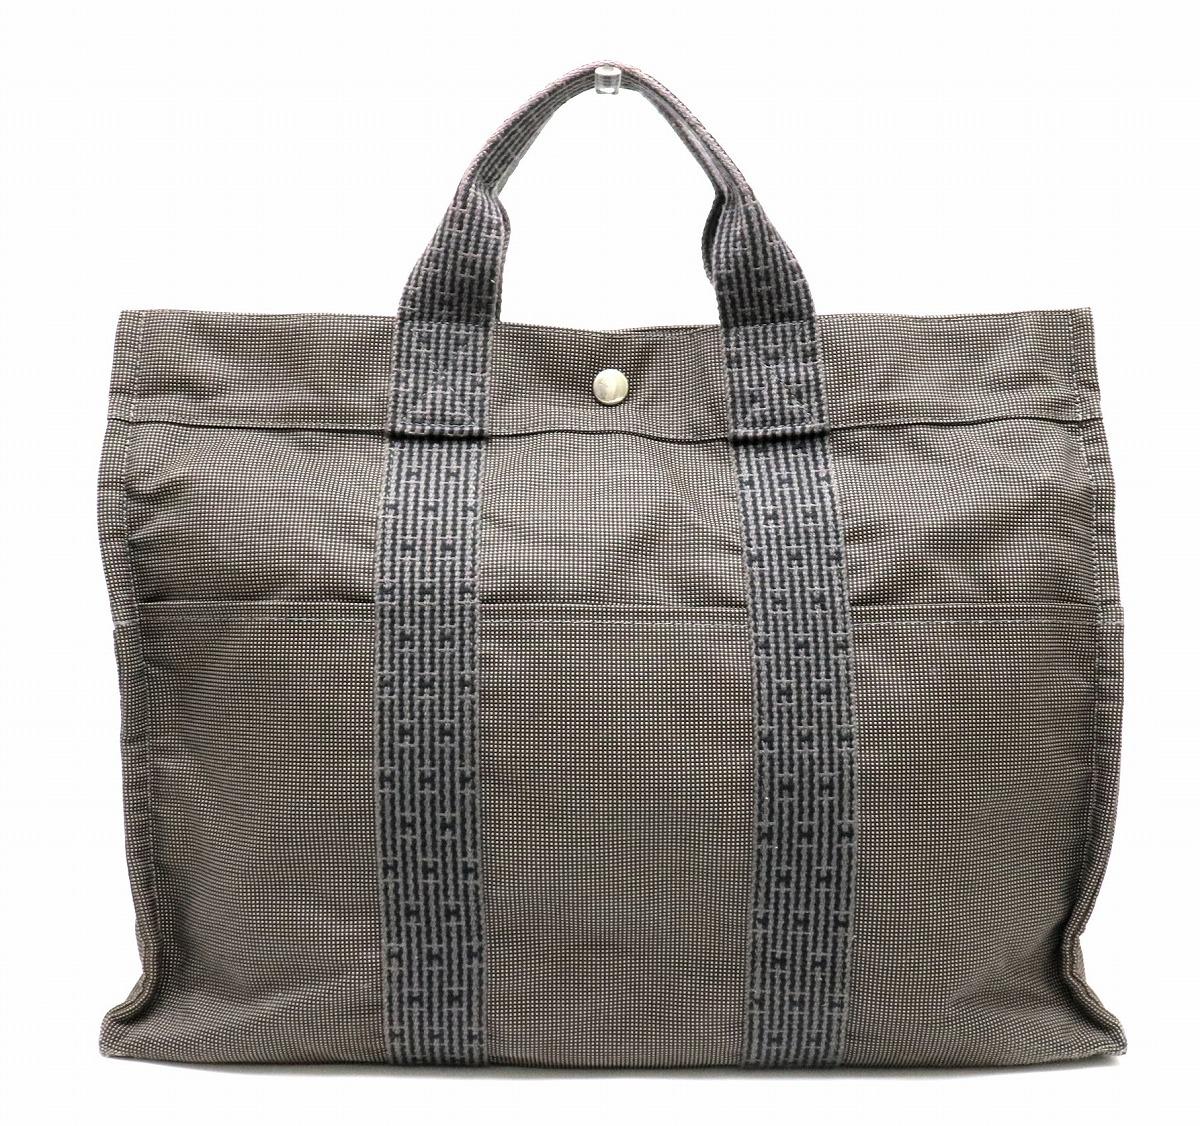 【バッグ】HERMES エルメス エールライン トートMM トートバッグ ハンドバッグ ナイロンキャンバス グレー 【中古】【k】